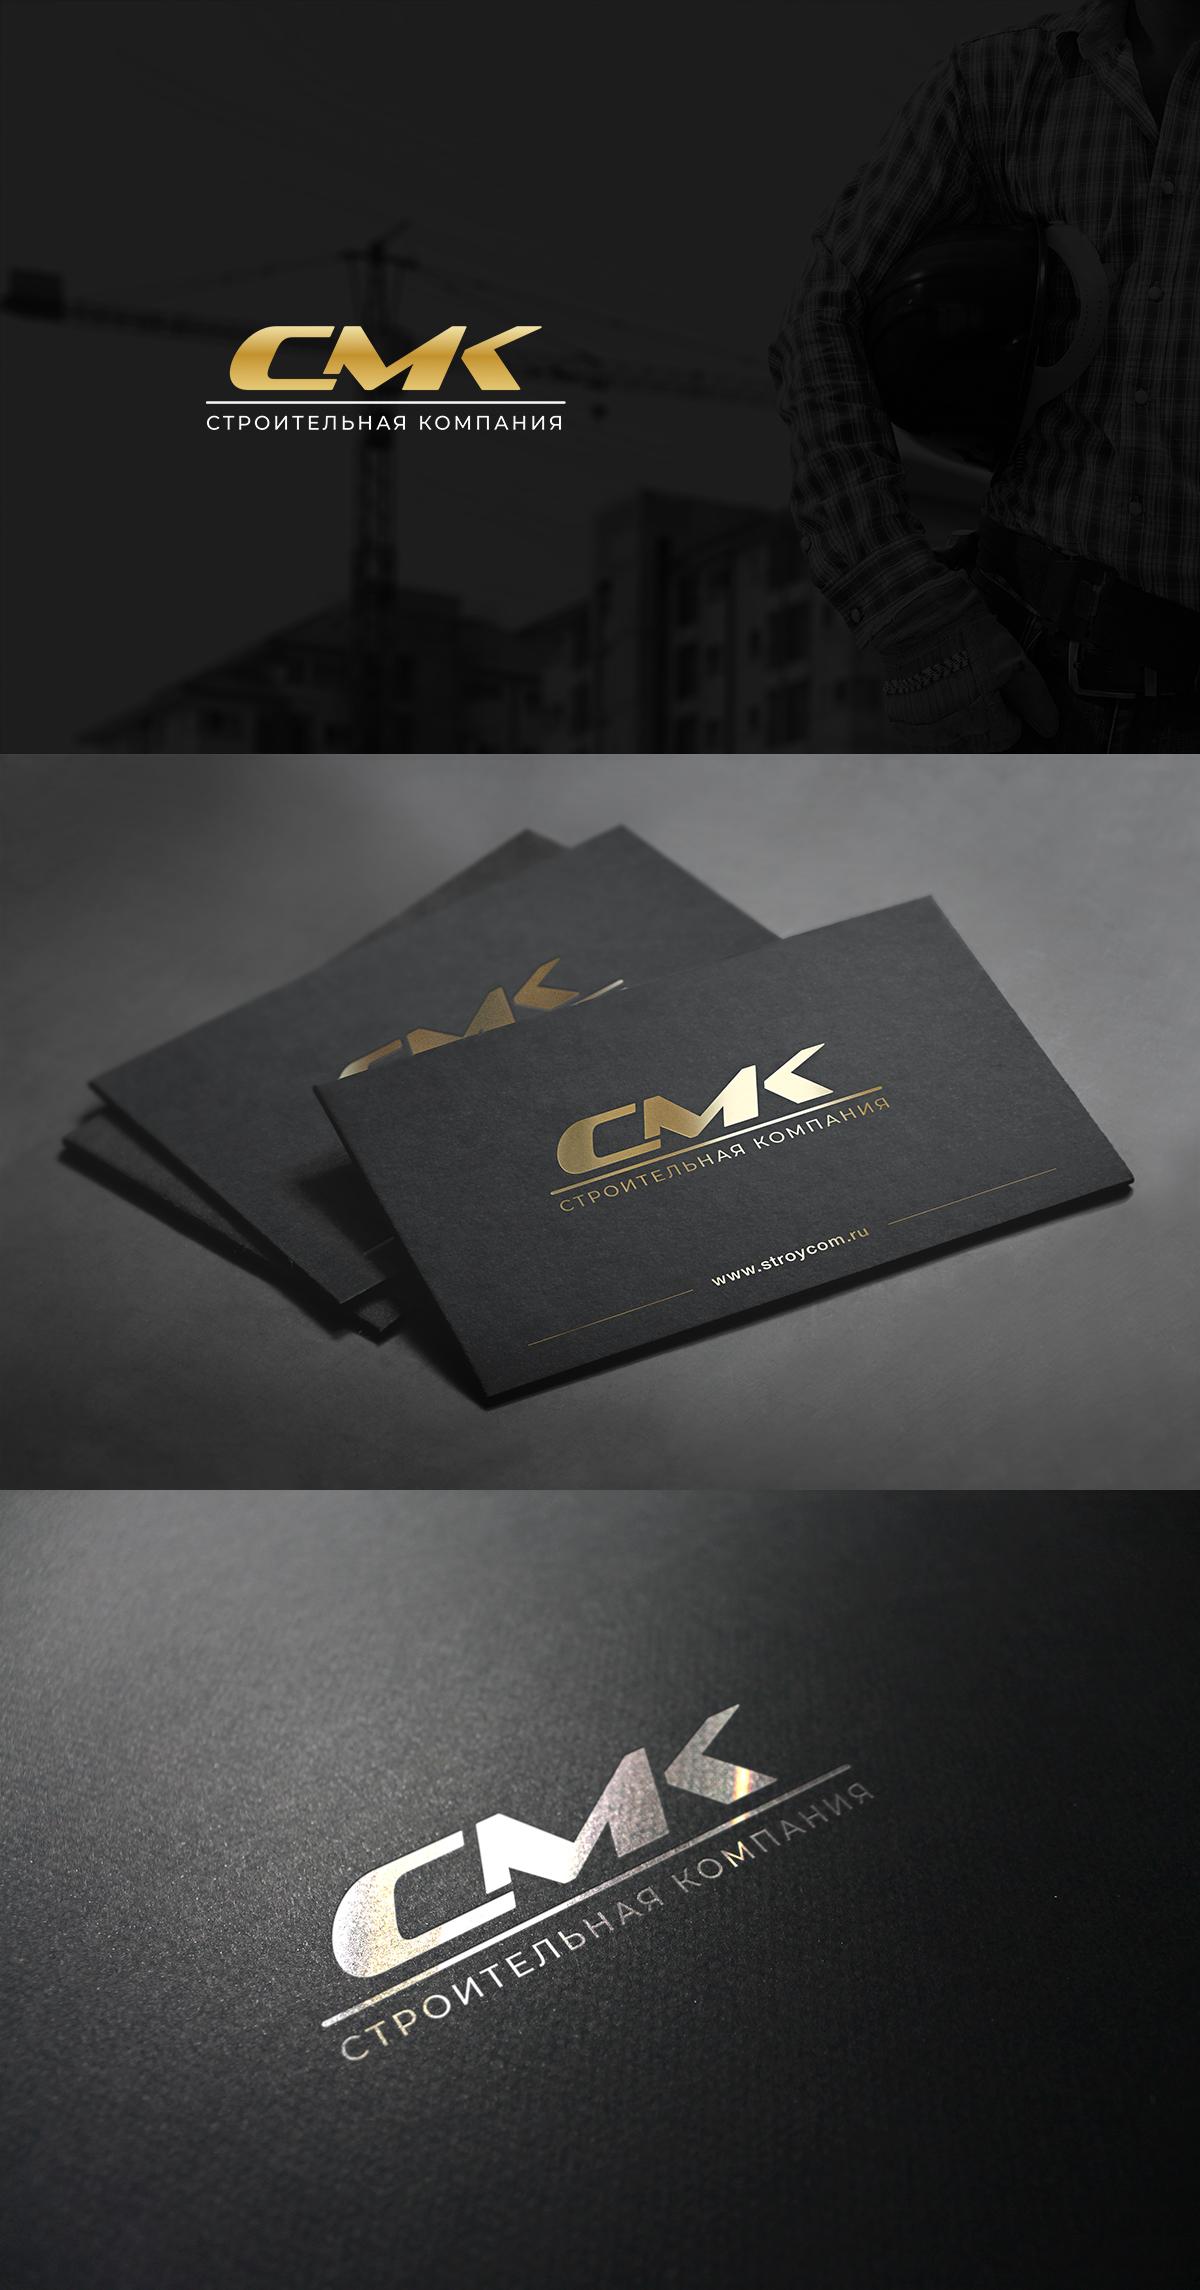 Разработка логотипа компании фото f_3895de14b40c6b73.jpg